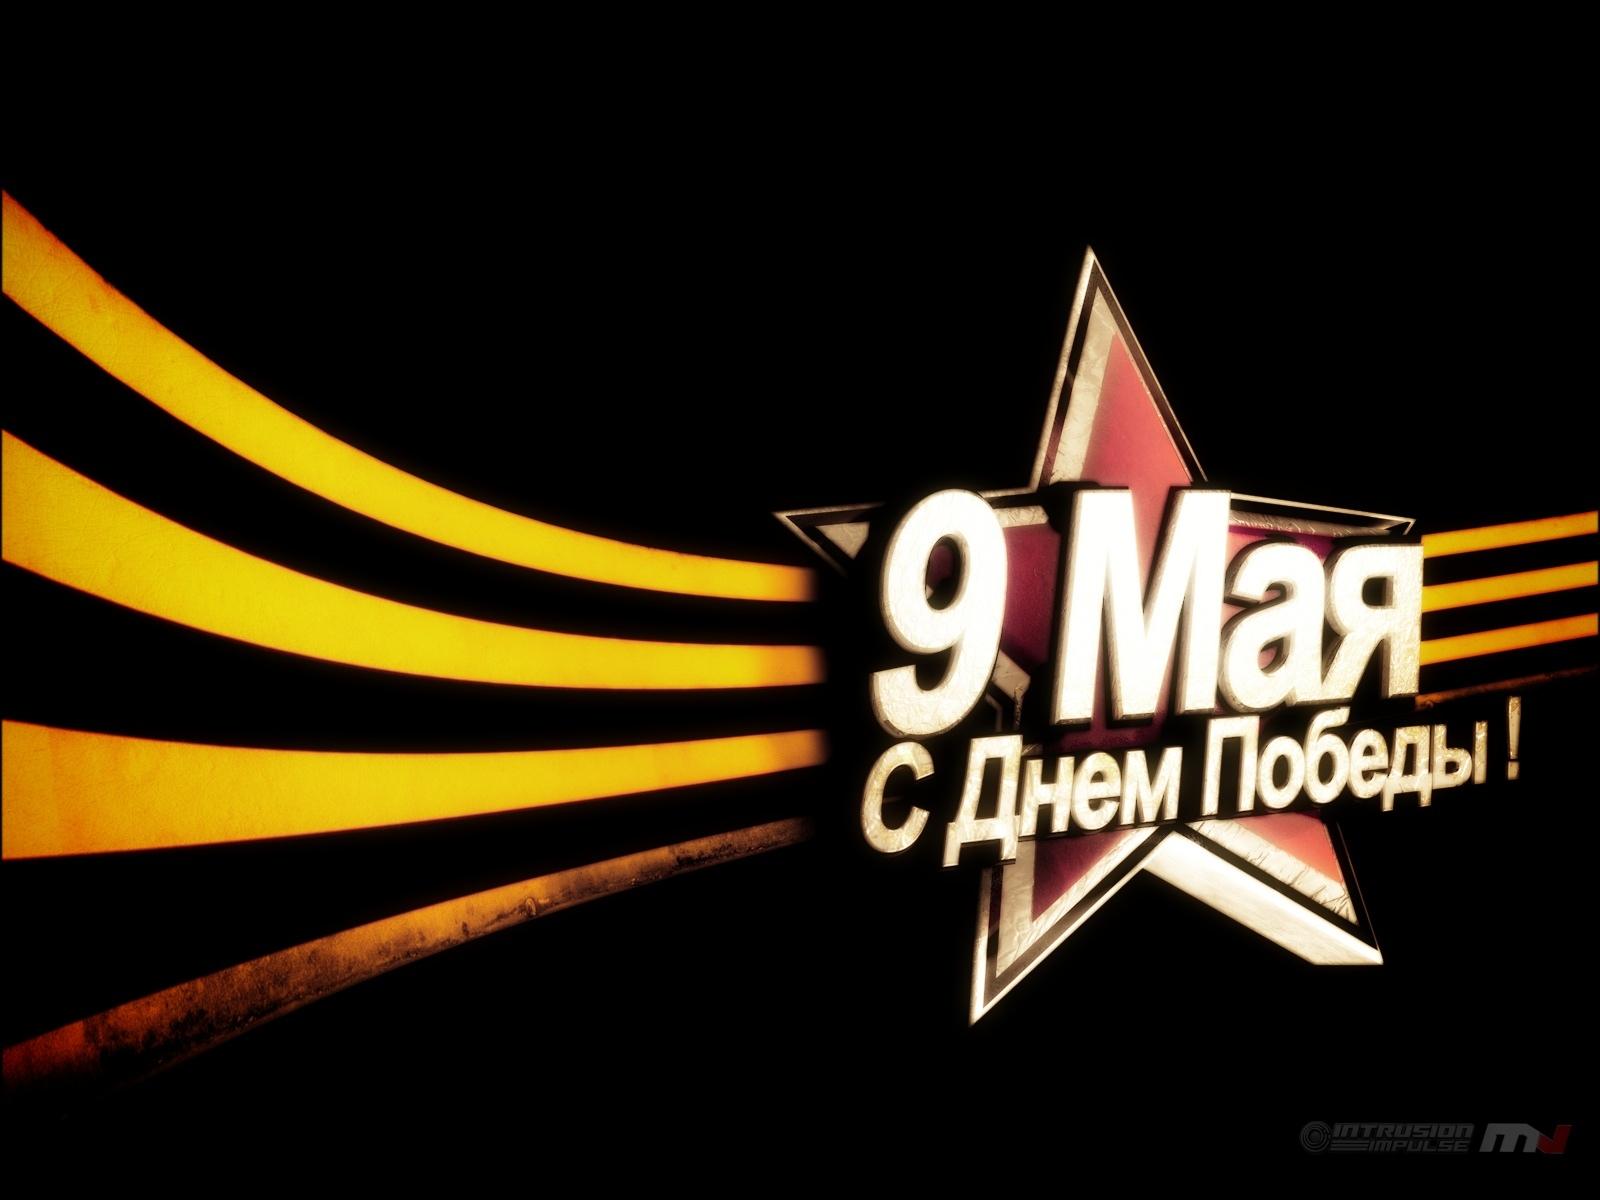 09 мая 2011 день победы праздник победы